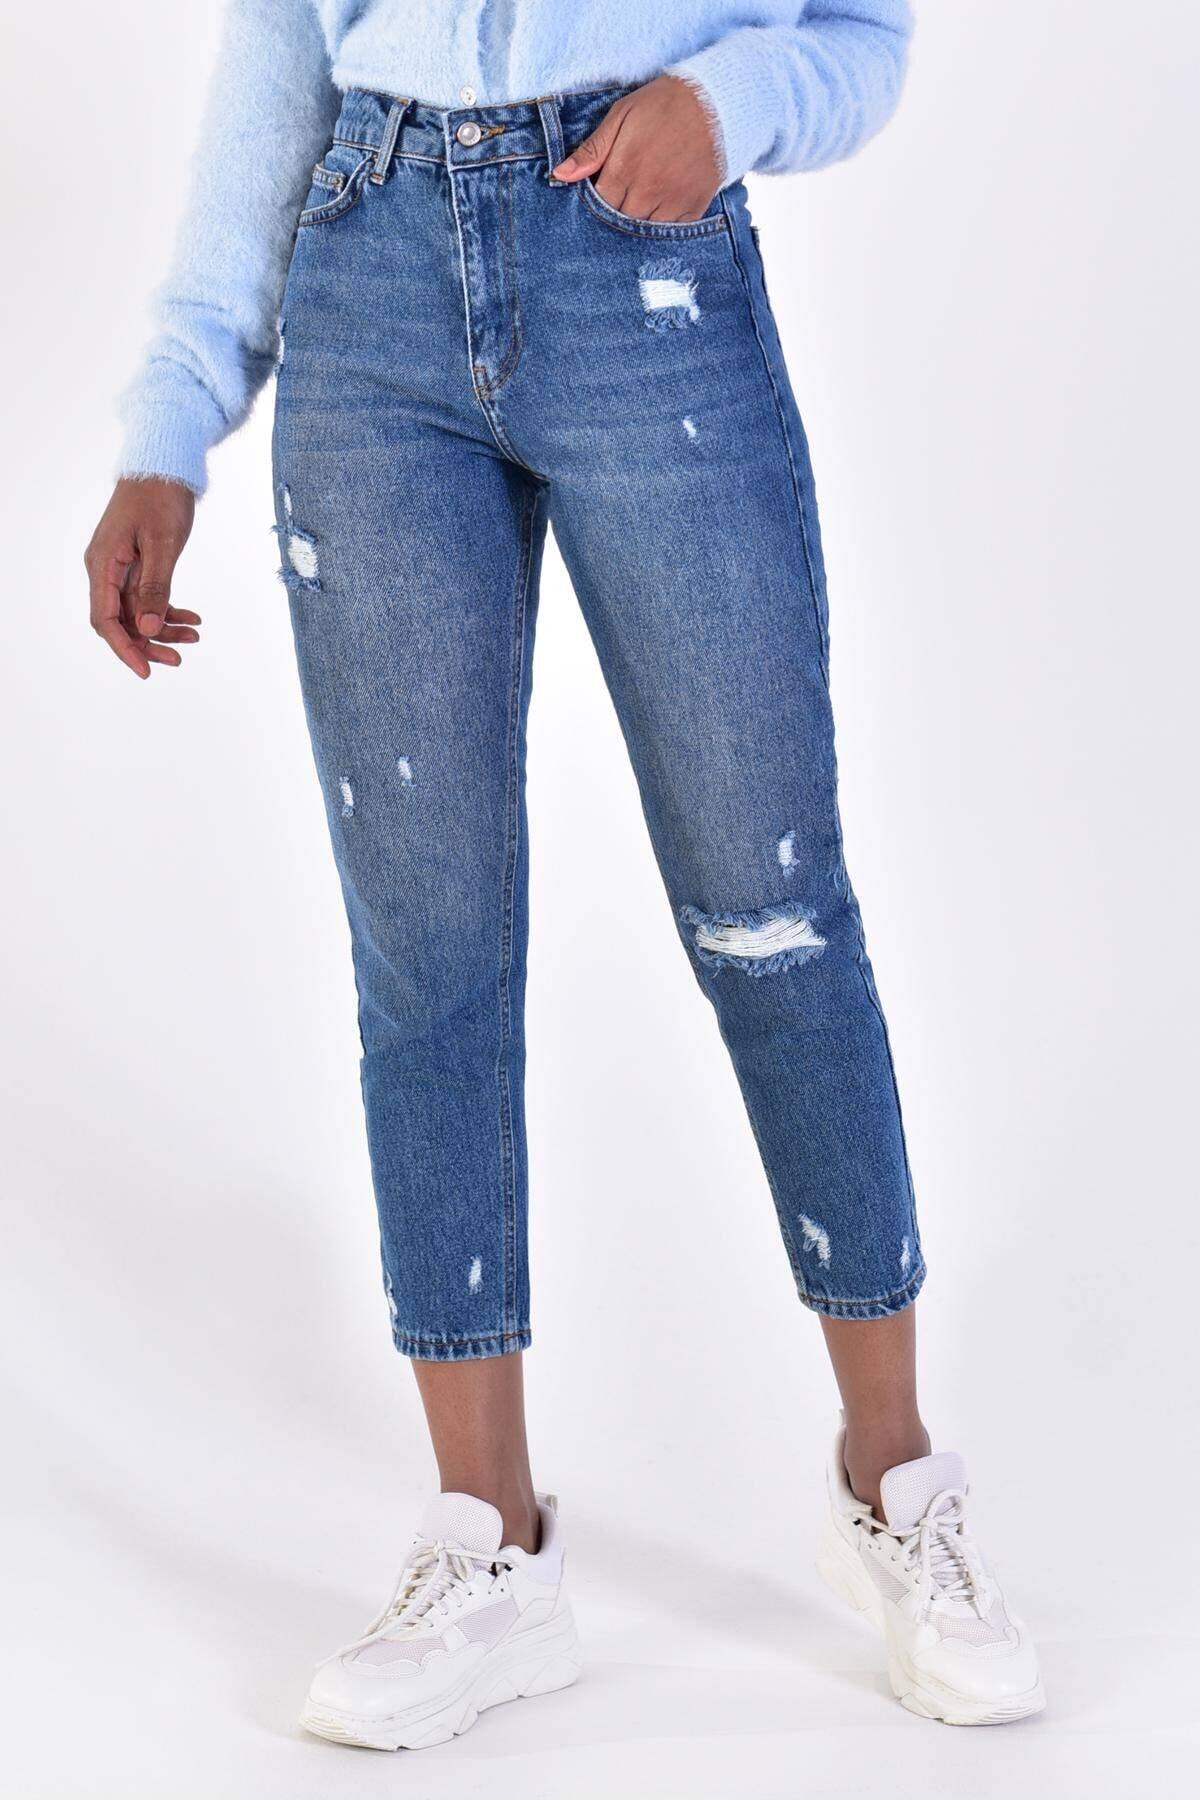 Addax Kadın Kot Rengi Yırtık Detaylı Pantolon 1